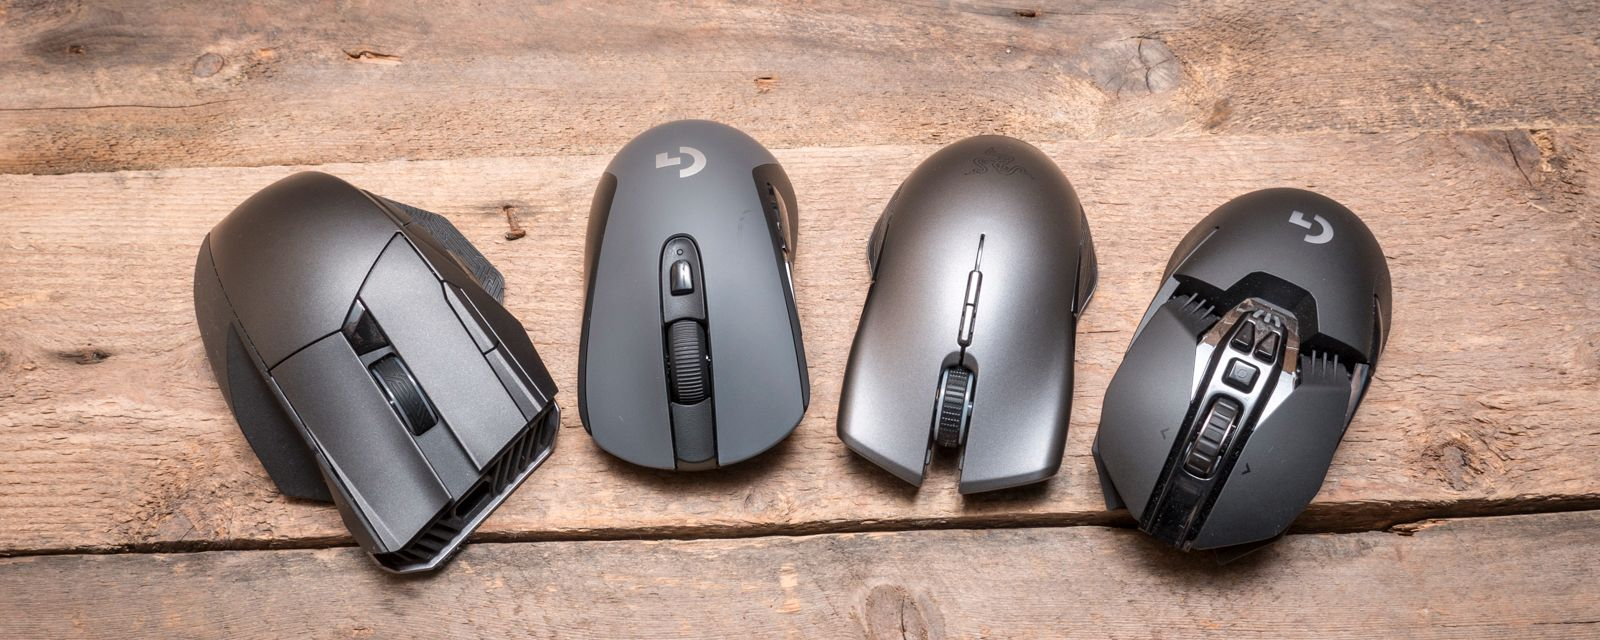 Noen av de trådløse vi har testet (artikkelen oppdateres jevnlig): (F.V) Asus ROG Spatha, Logitech G603 (G403 ser stort sett lik ut, bare at den er helt sort), Razer Lancehead og Logitech G903.